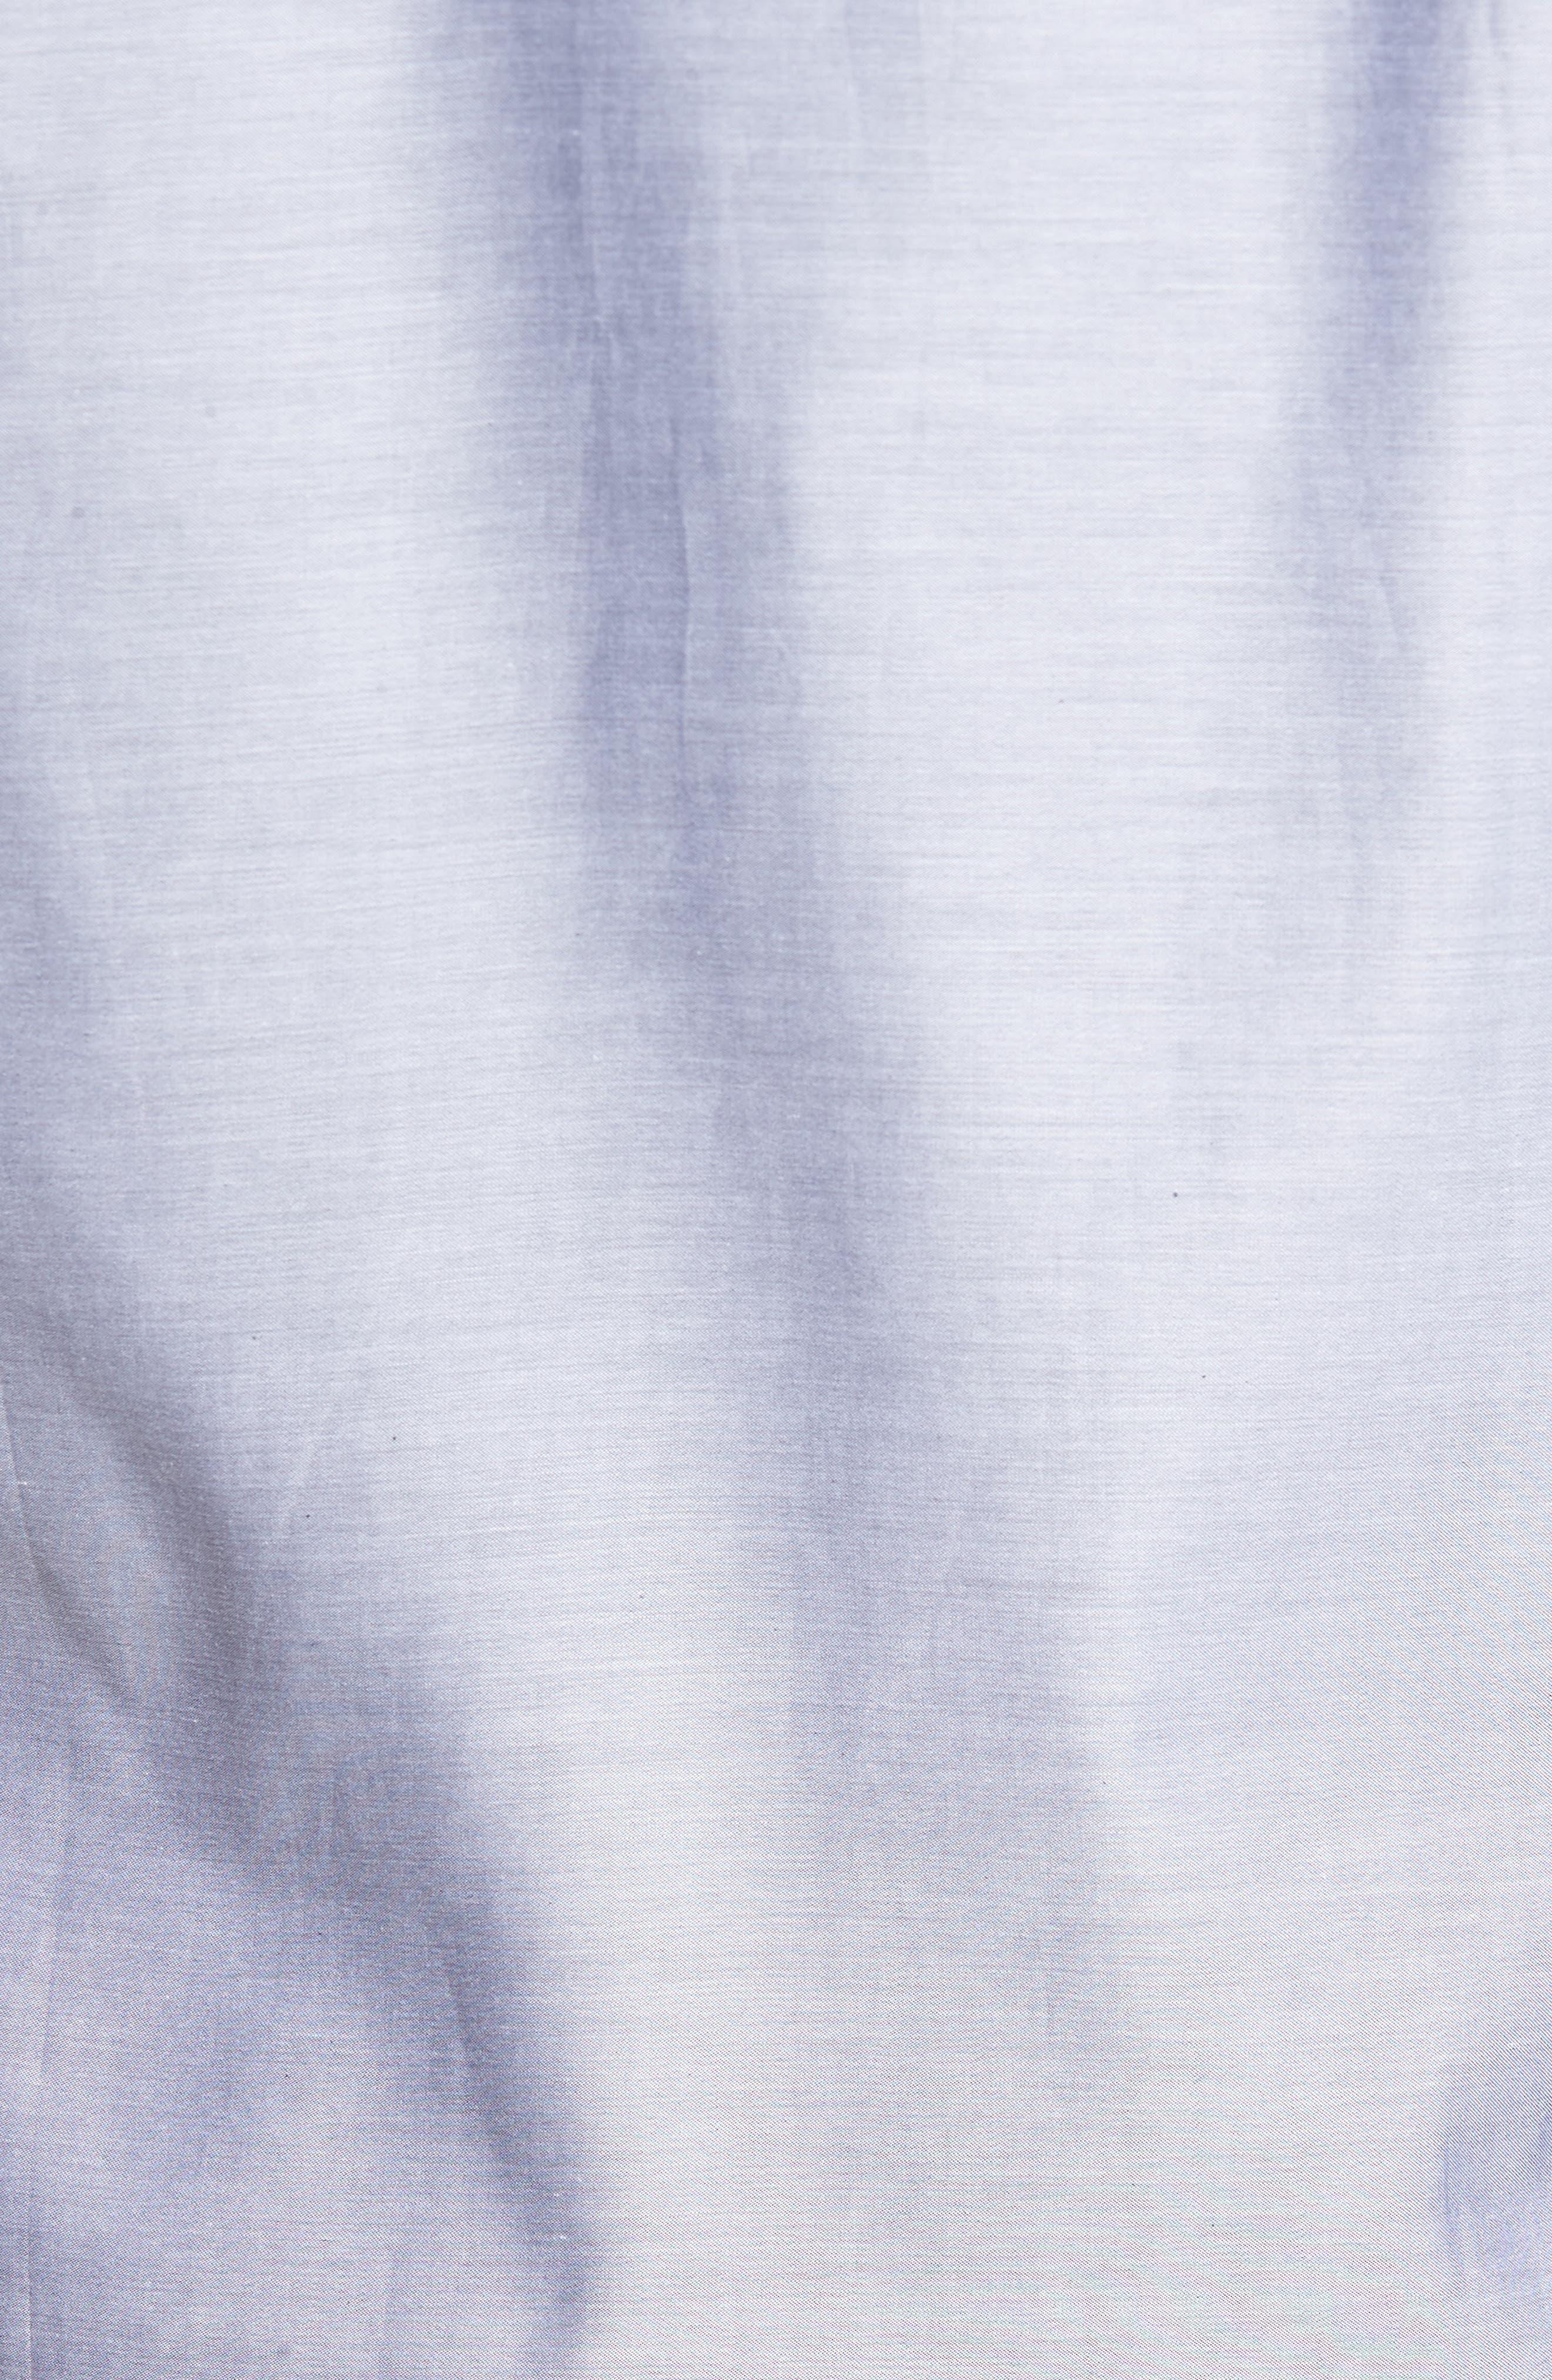 Trim Fit Solid Sport Shirt,                             Alternate thumbnail 5, color,                             020